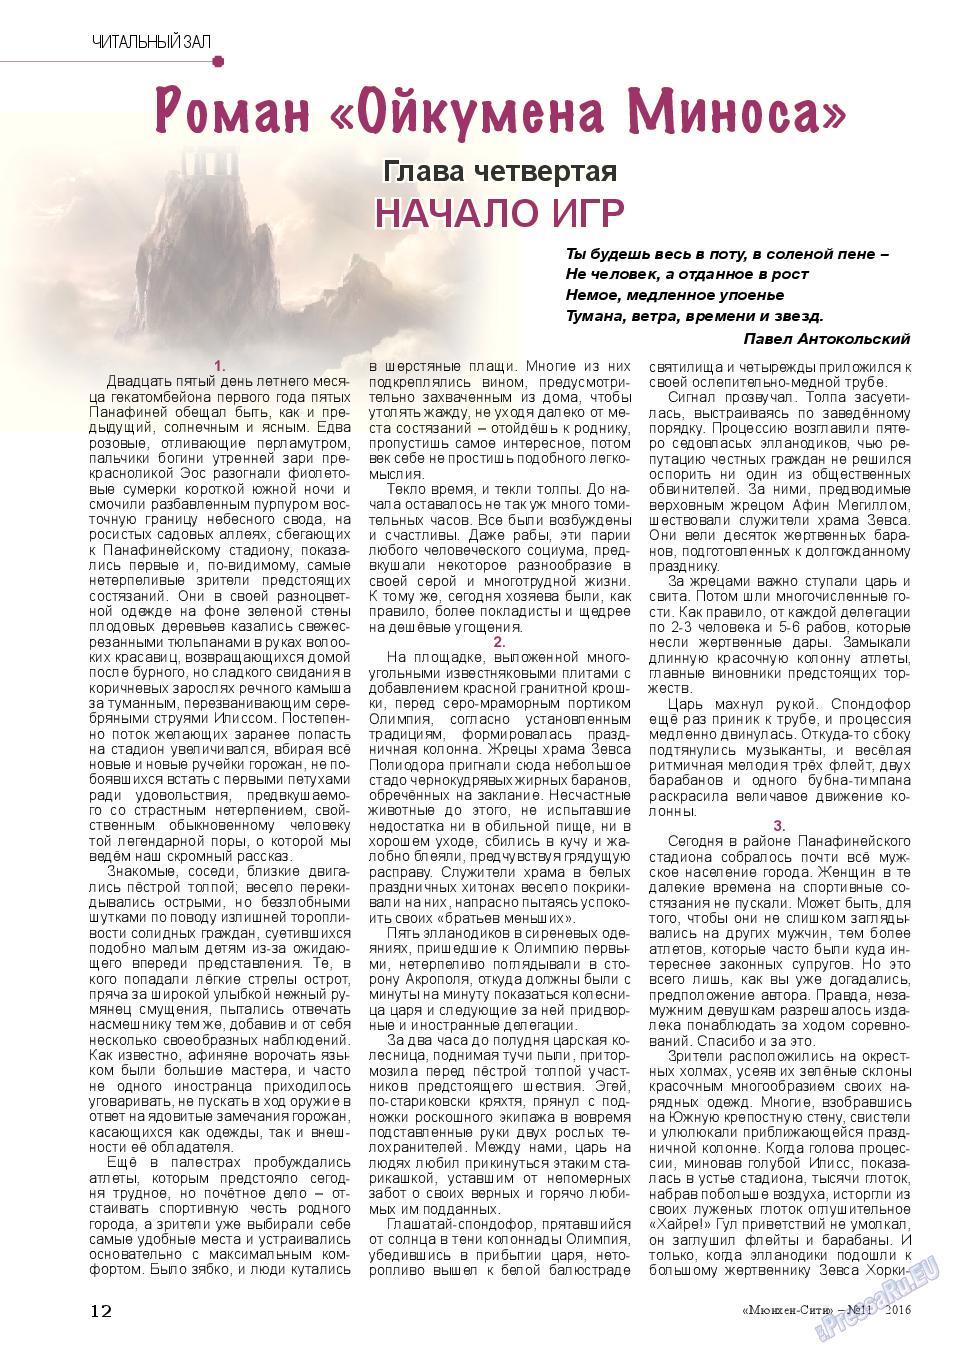 Мюнхен-сити (журнал). 2016 год, номер 11, стр. 12